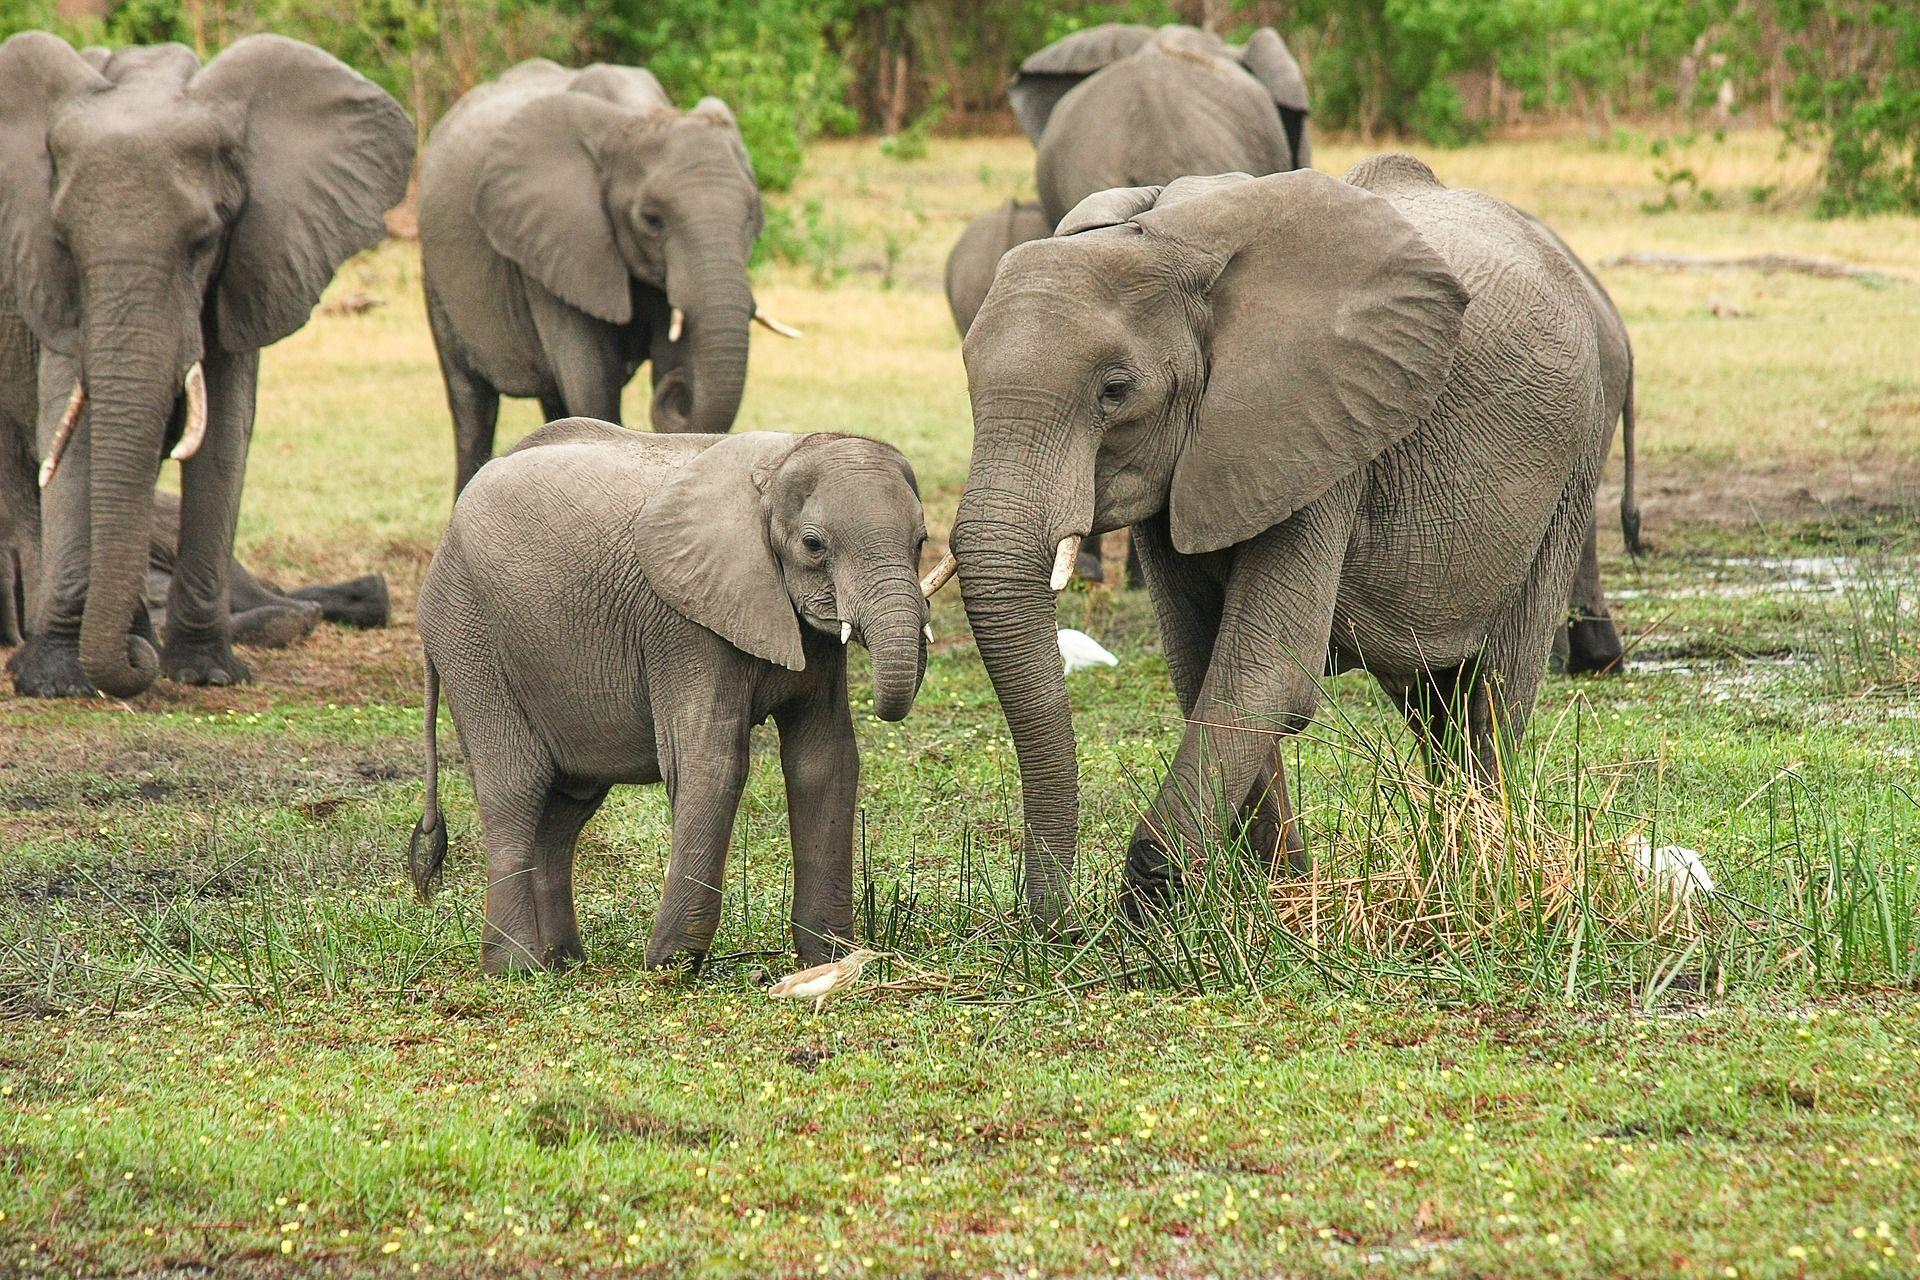 Скачать онлайн бесплатно оригинальное фото белого слона на природе